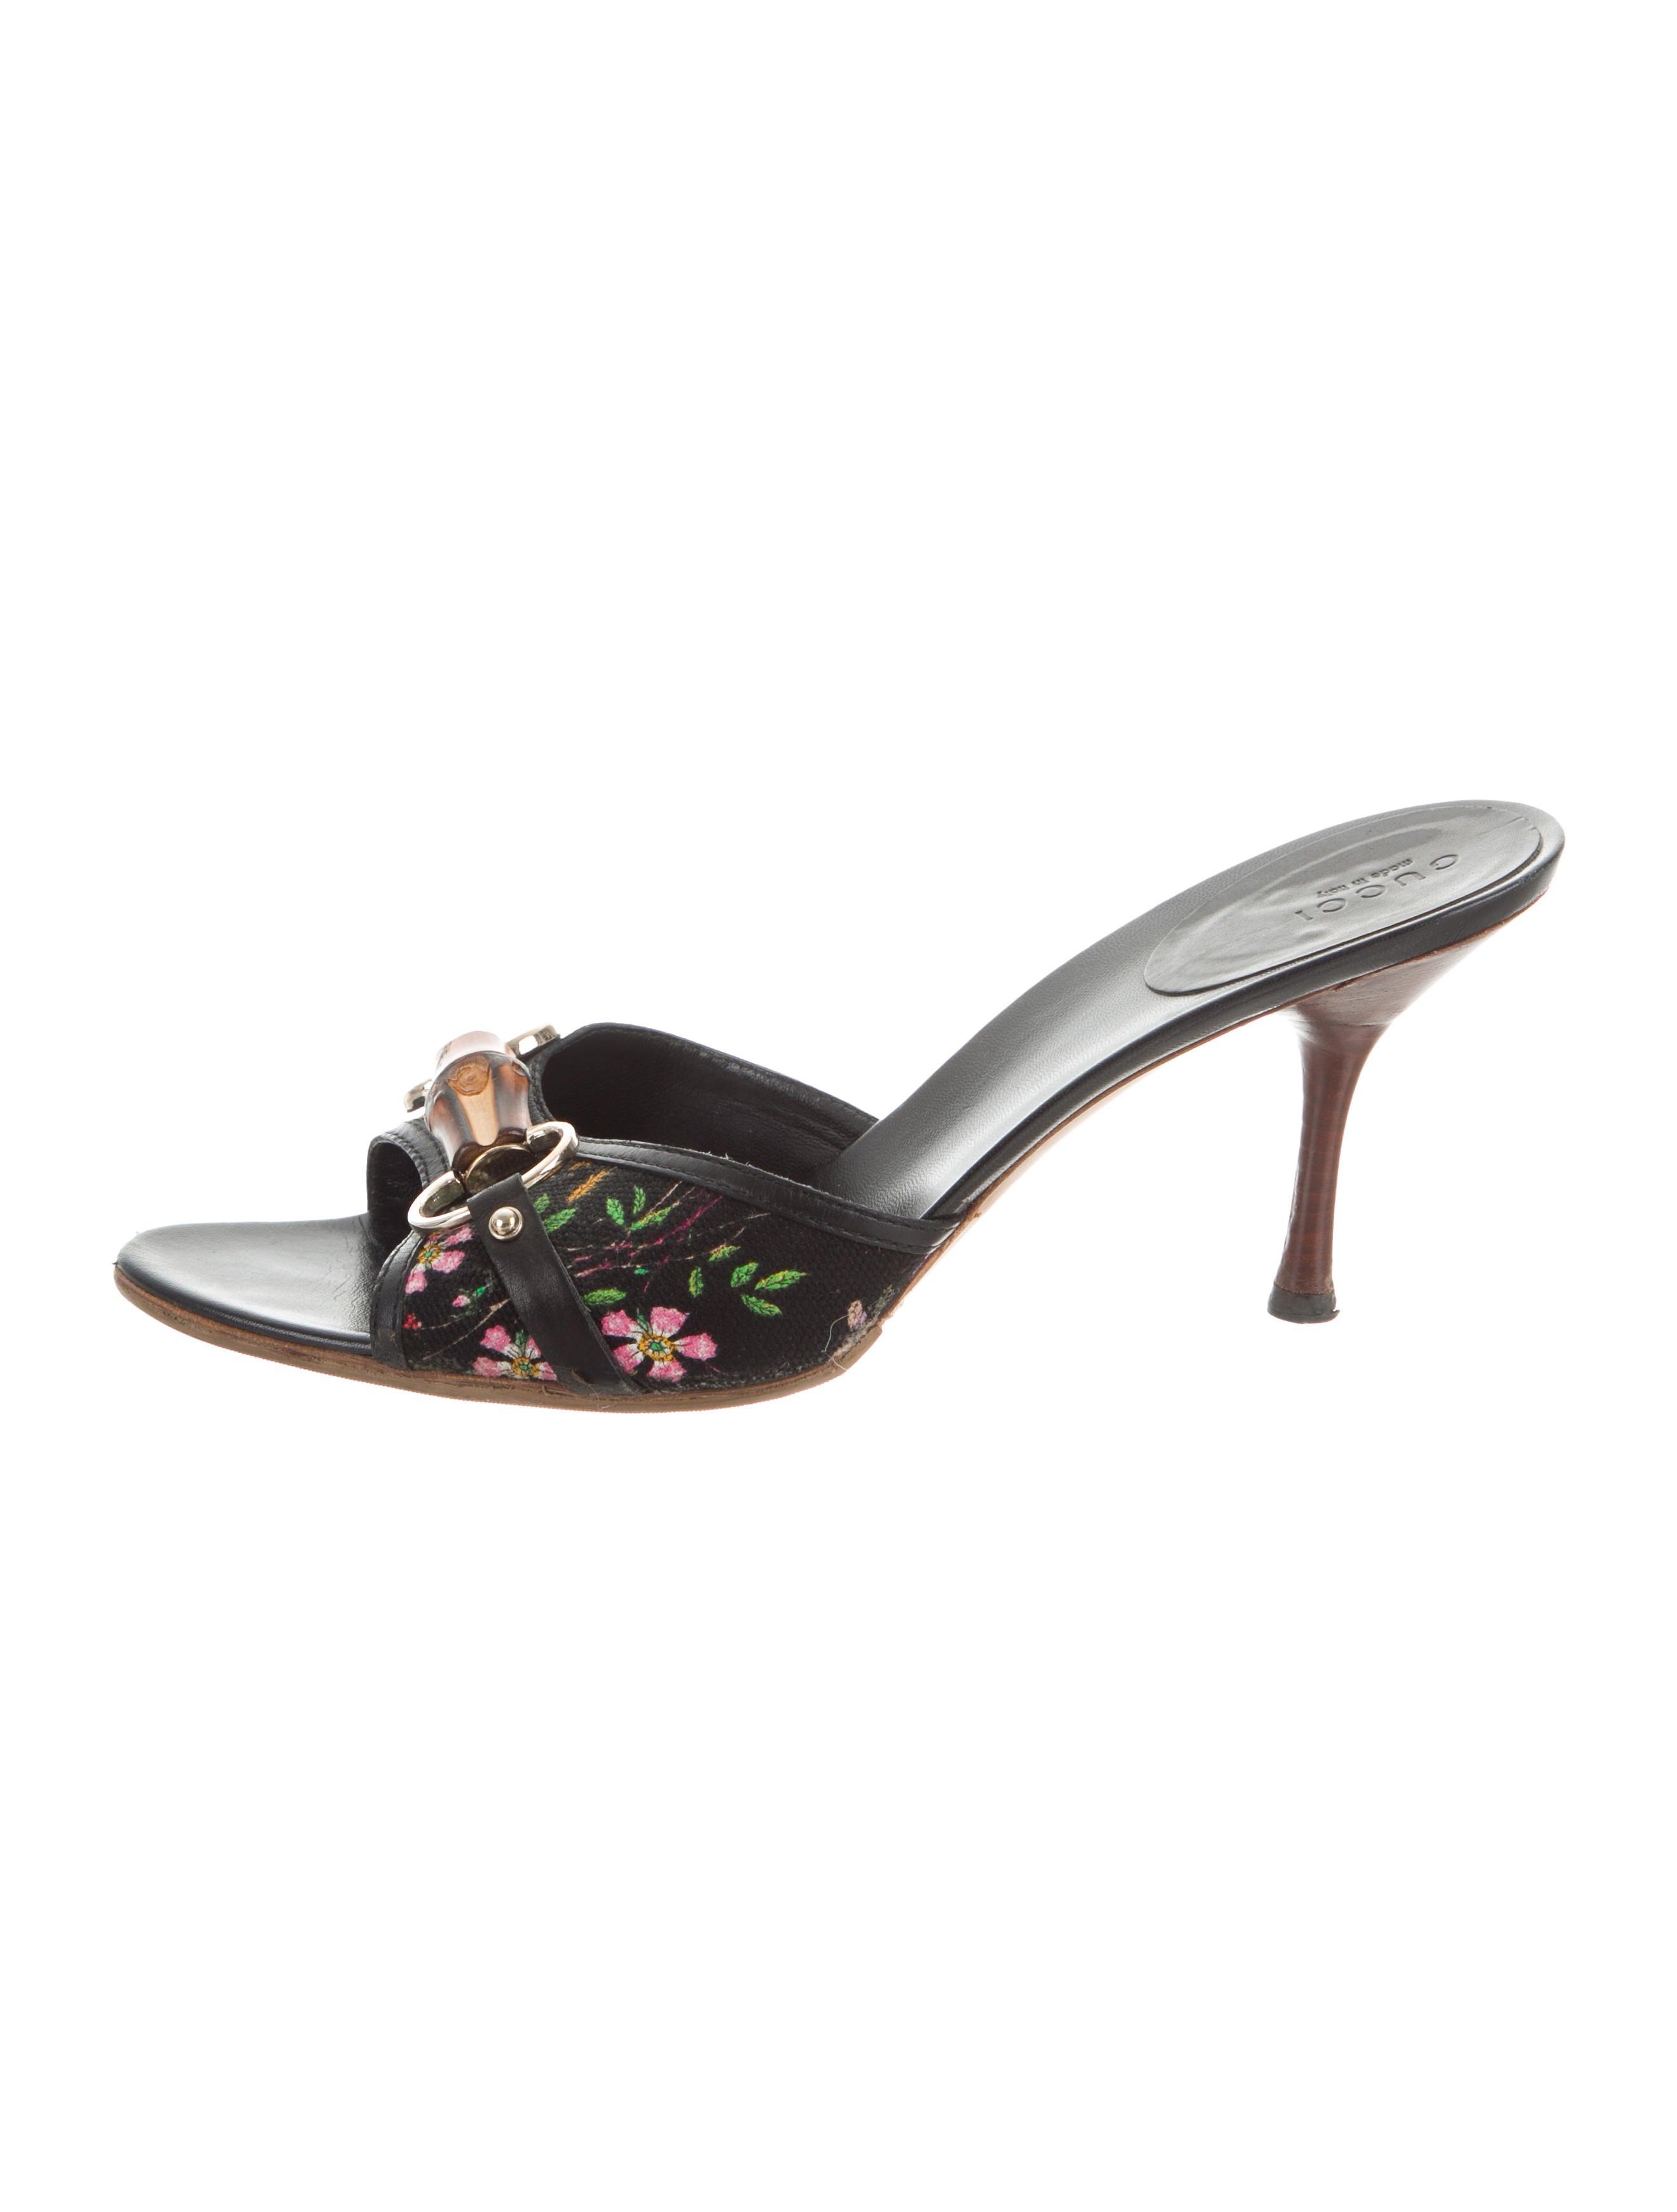 faf172d75f5 Gucci Bamboo Horsebit Sandals - Shoes - GUC246017